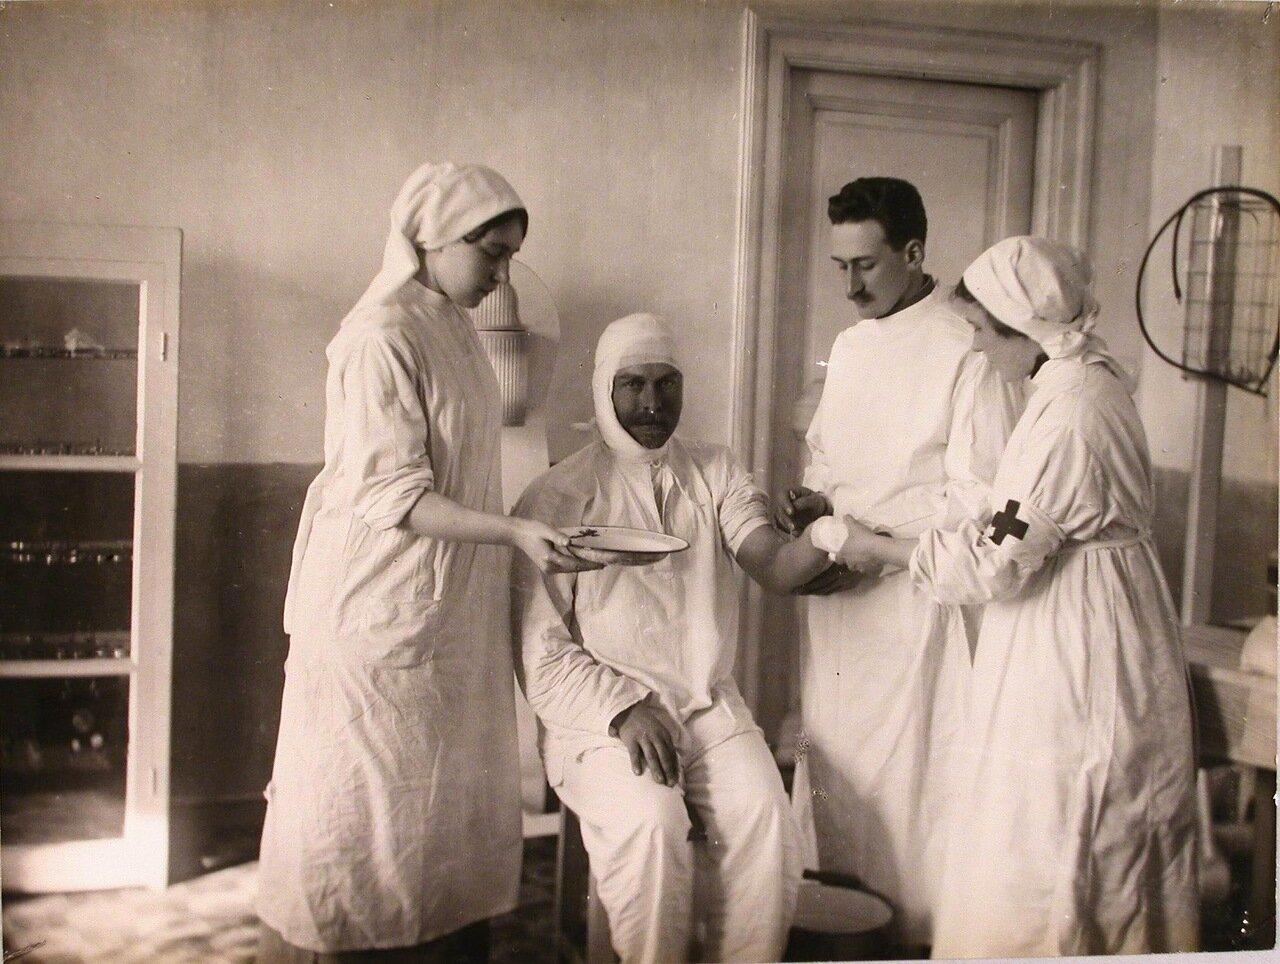 12. Врач и медицинские сёстры в процедурном кабинете делают укол раненому